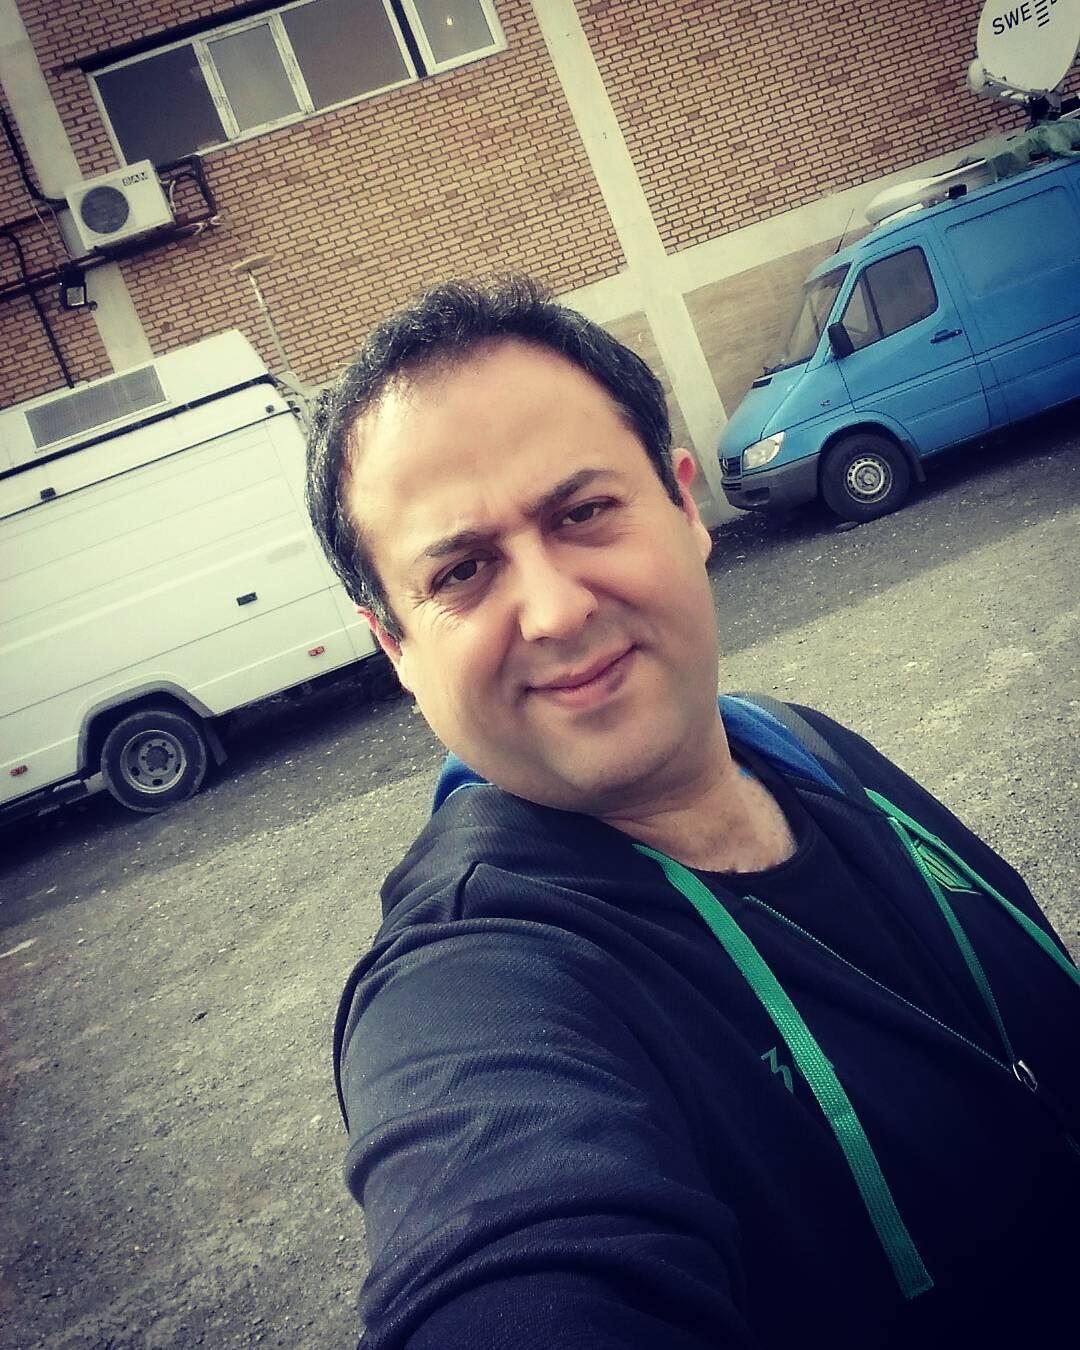 عکسها و بیوگرافی ابراهیم شفیعی